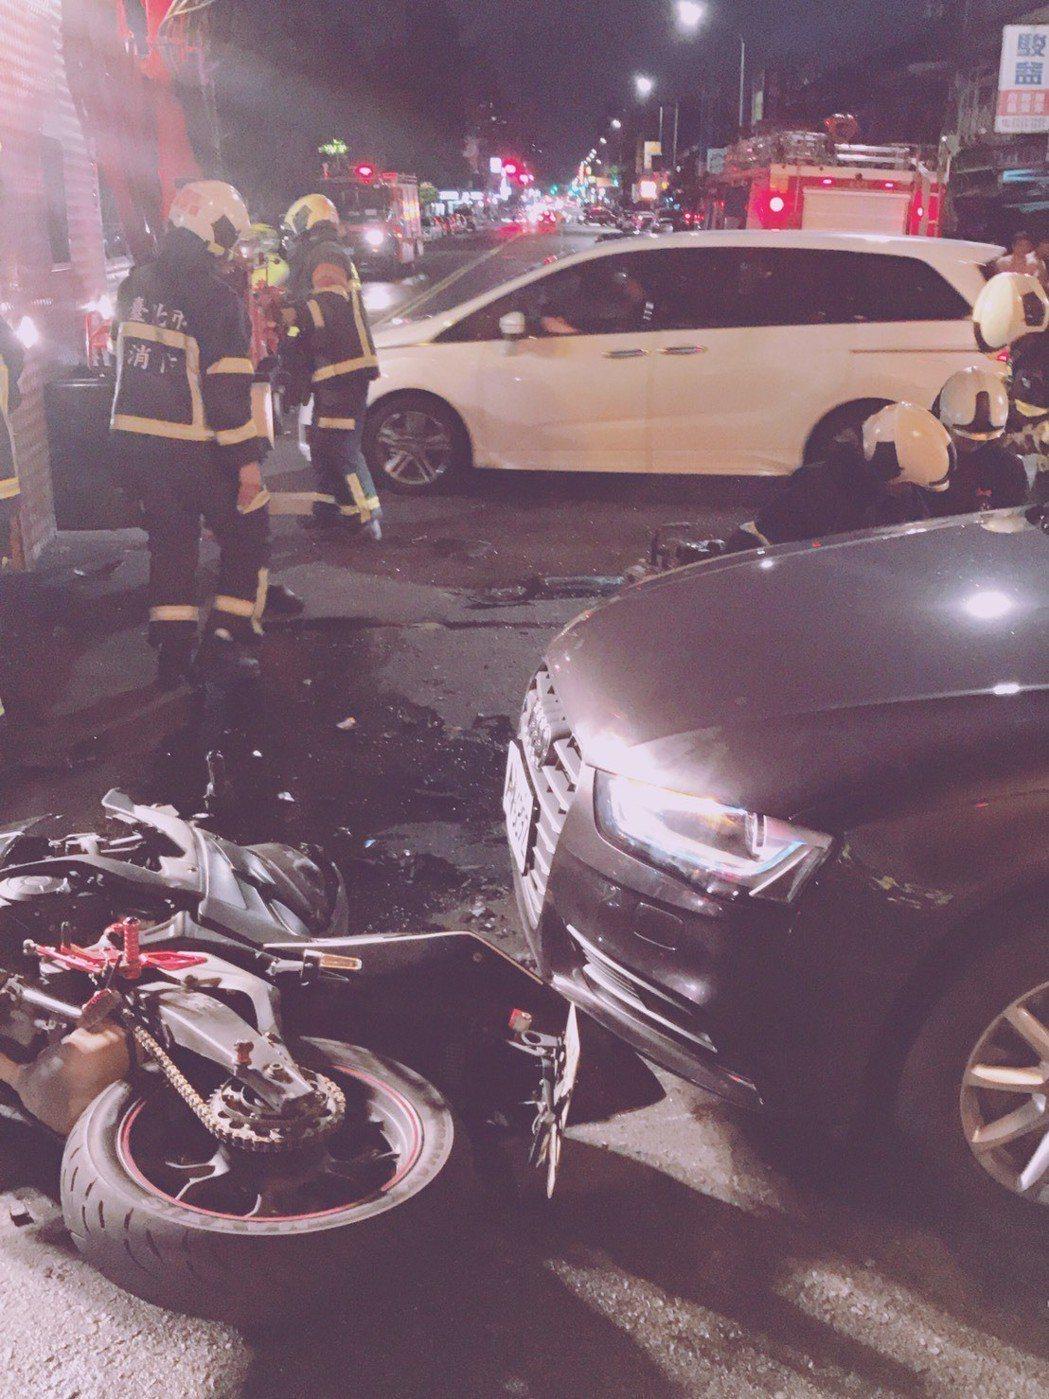 台北市昨天發生死亡車禍,消防局趕抵,緊急救護,傷者仍不治身亡。記者李承穎/翻攝